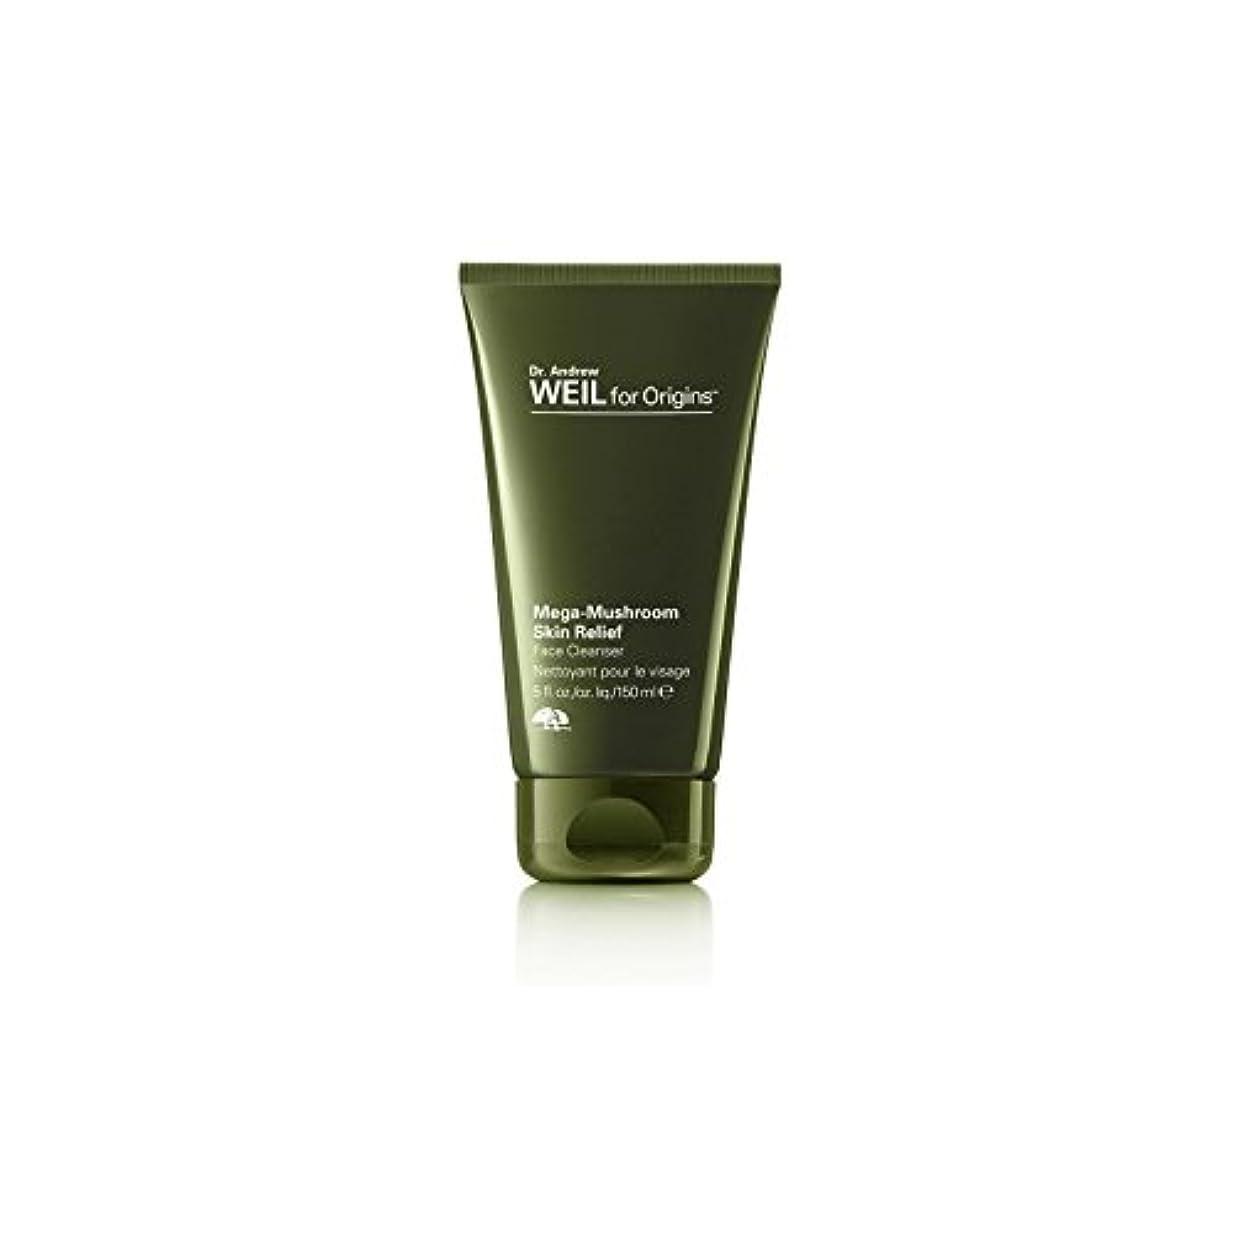 引く画家そうOrigins Dr. Andrew Weil For Origins Mega-Mushroom Skin Relief Face Cleanser 150ml - 起源アンドルー?ワイル起源メガキノコ皮膚救済顔クレンザー150ミリリットルのために [並行輸入品]